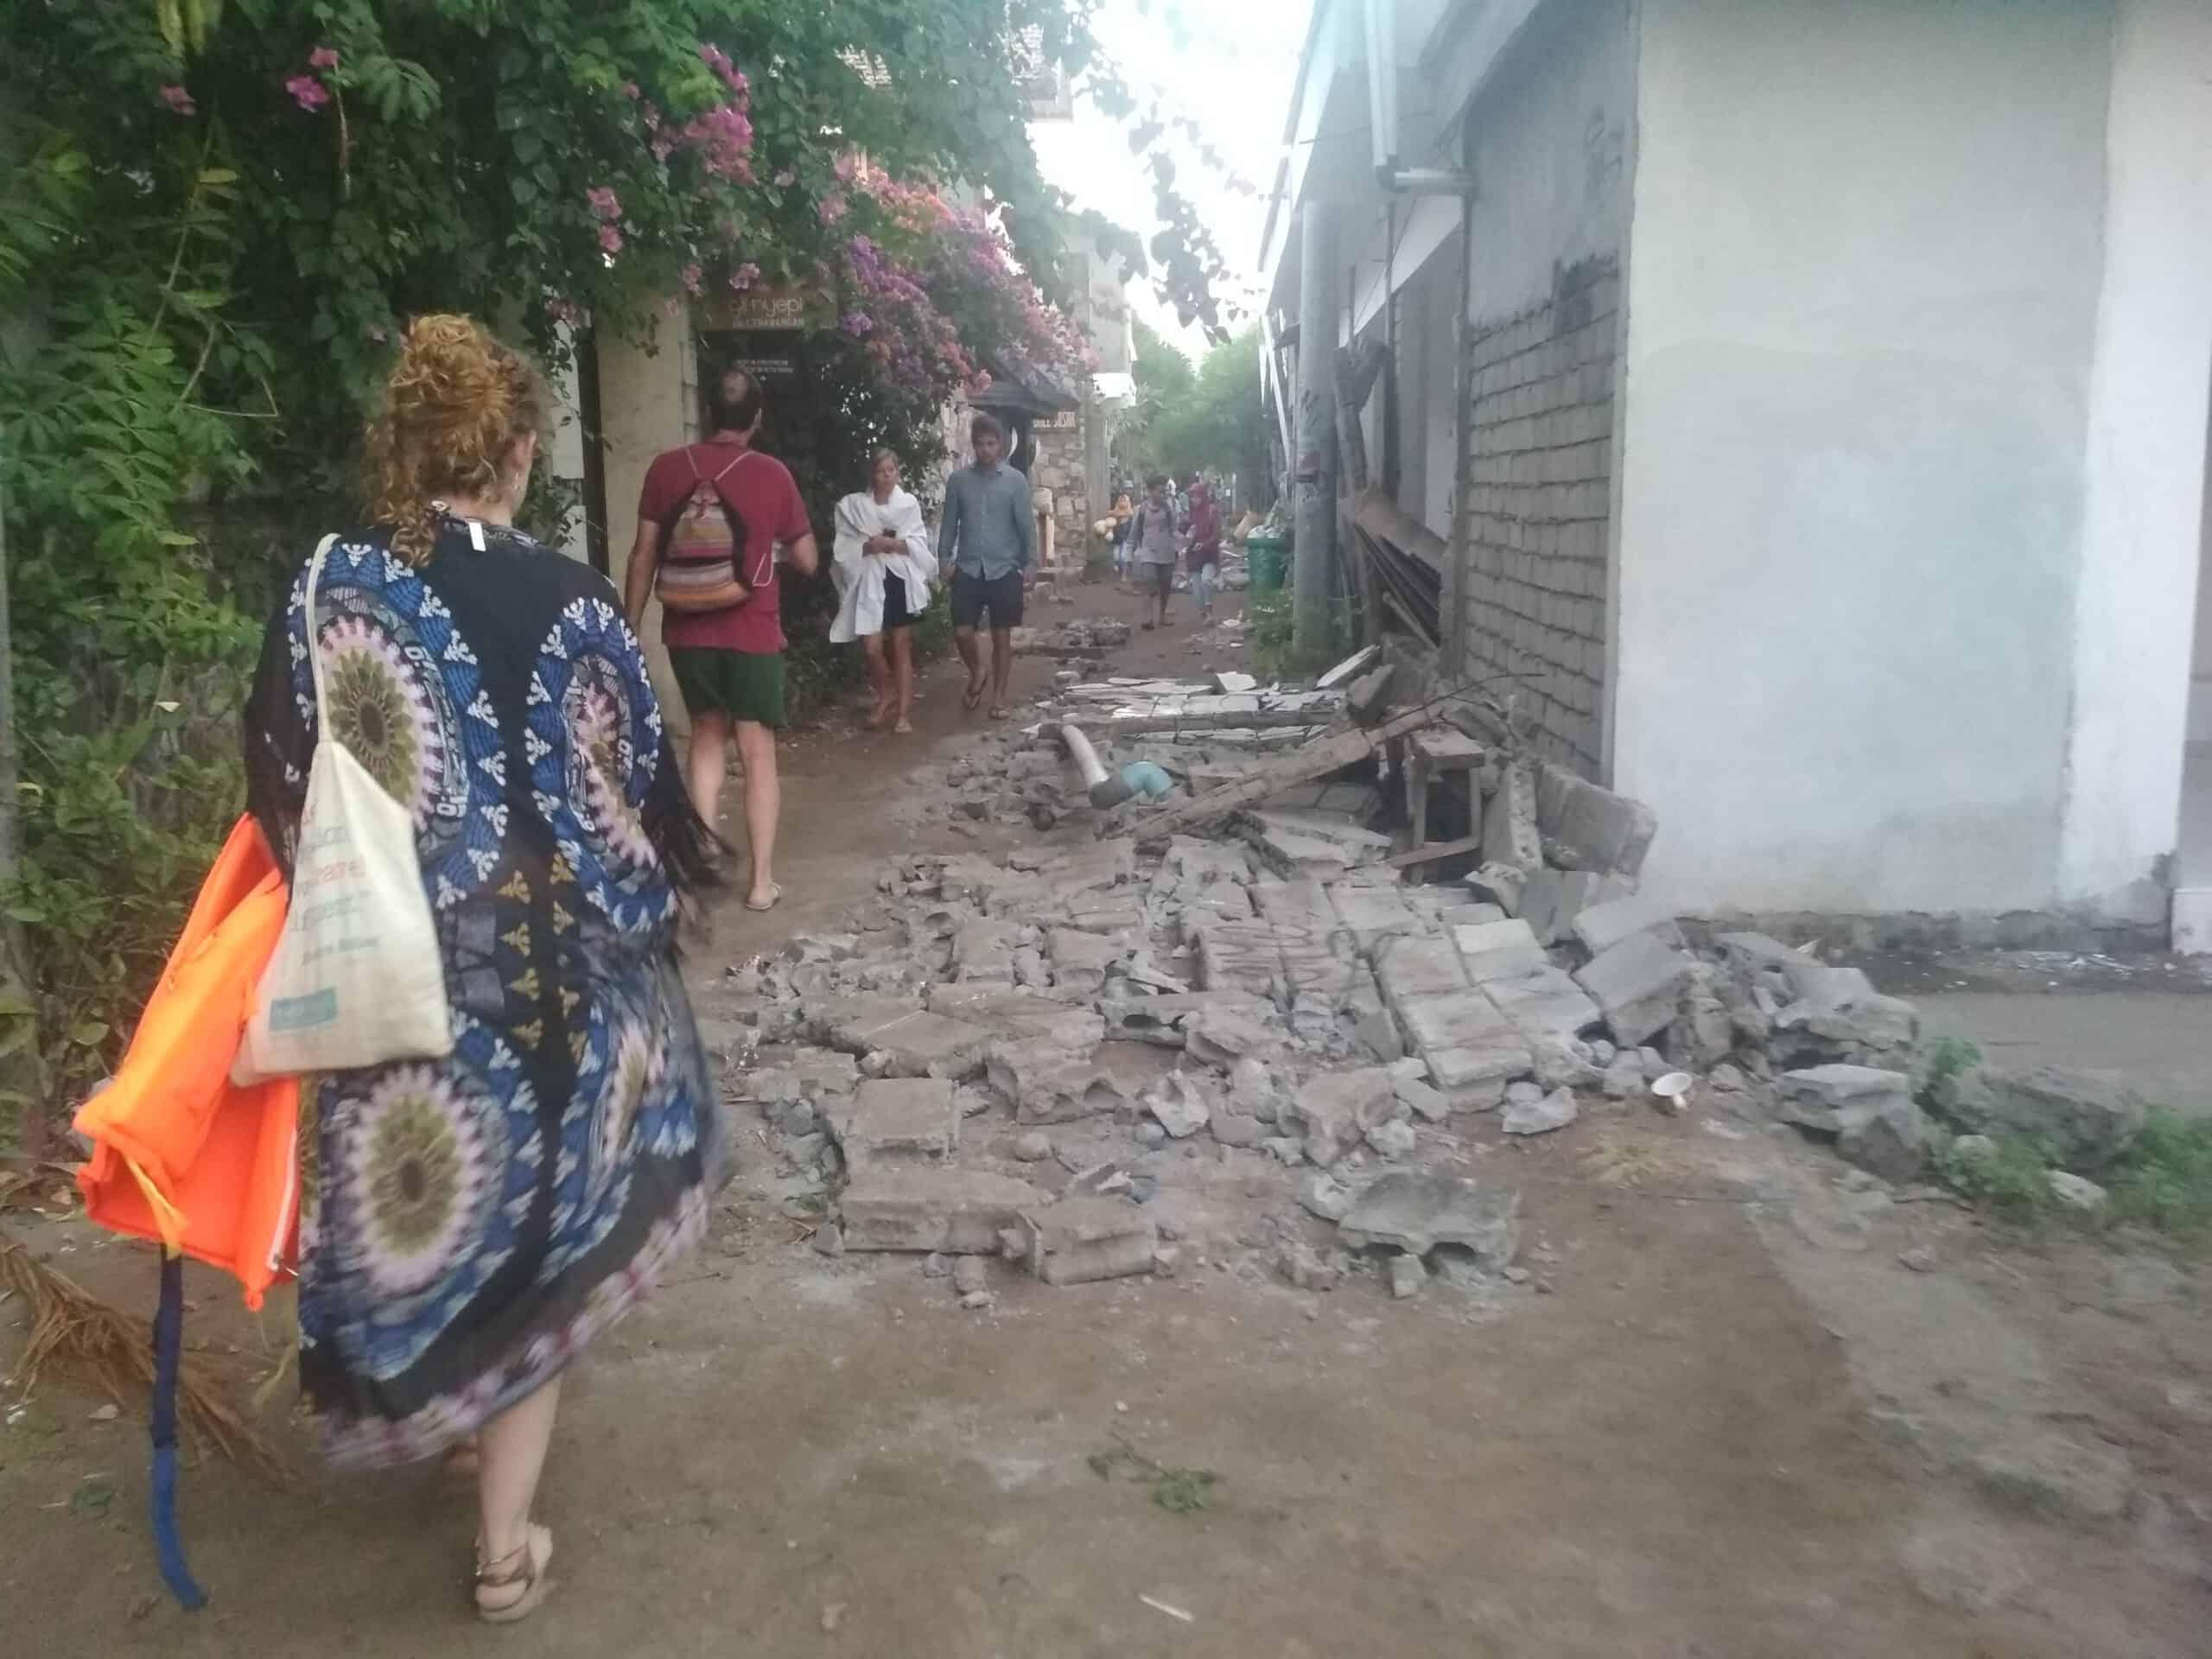 Gili Trawangan Terremoto de Lombok 05 scaled - Relato de mi experiencia vivida en el terremoto de Lombok de 6.9 ocurrido en 2018